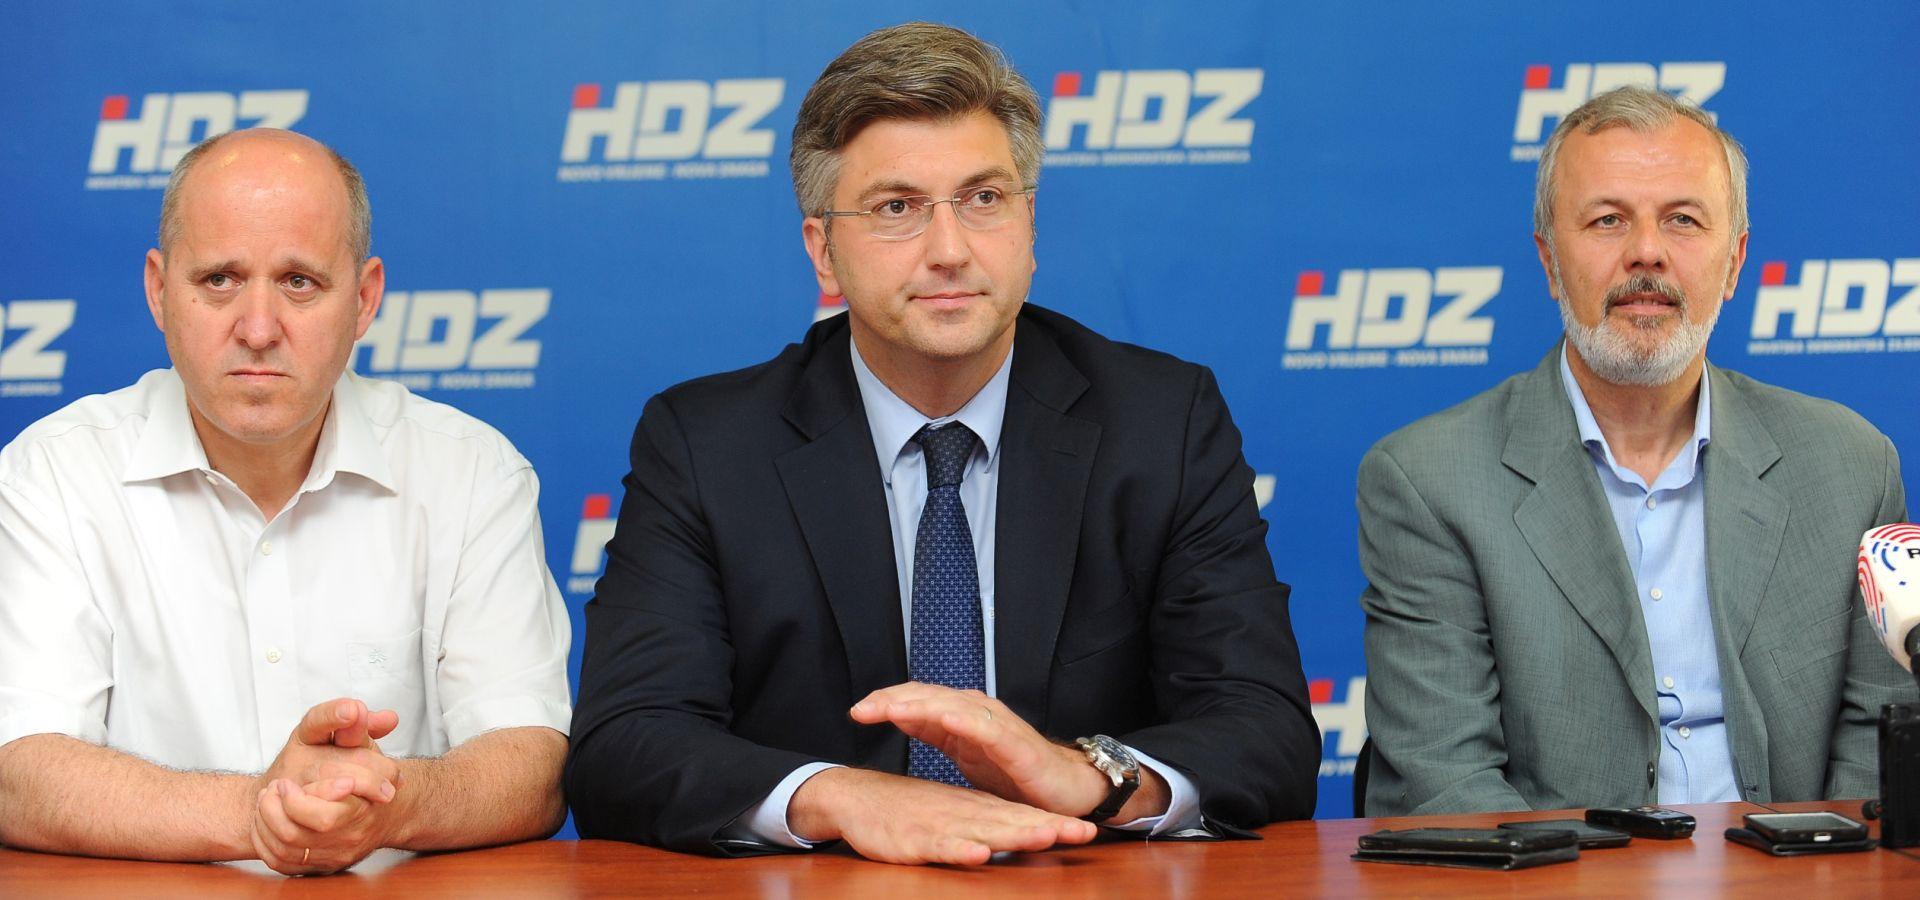 Predsjednici organizacija HDZ-a četiriju dalmatinskih županija podržavaju Plenkovića